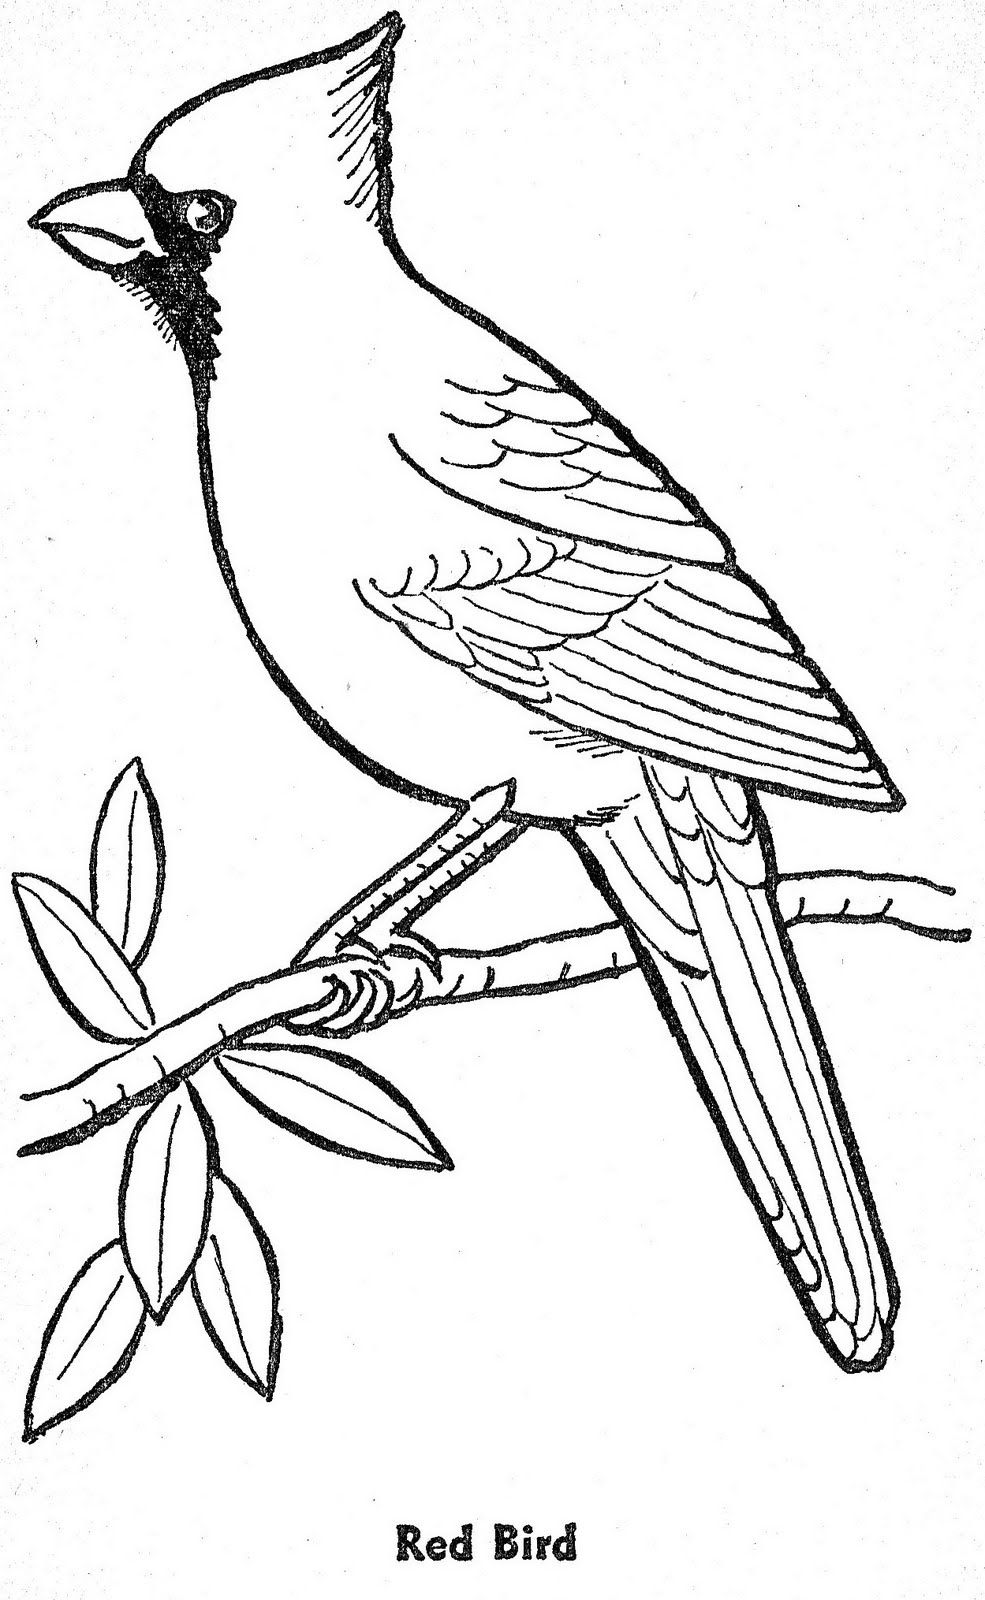 Tranh tô màu chim đỏ liếc mắt nhìn